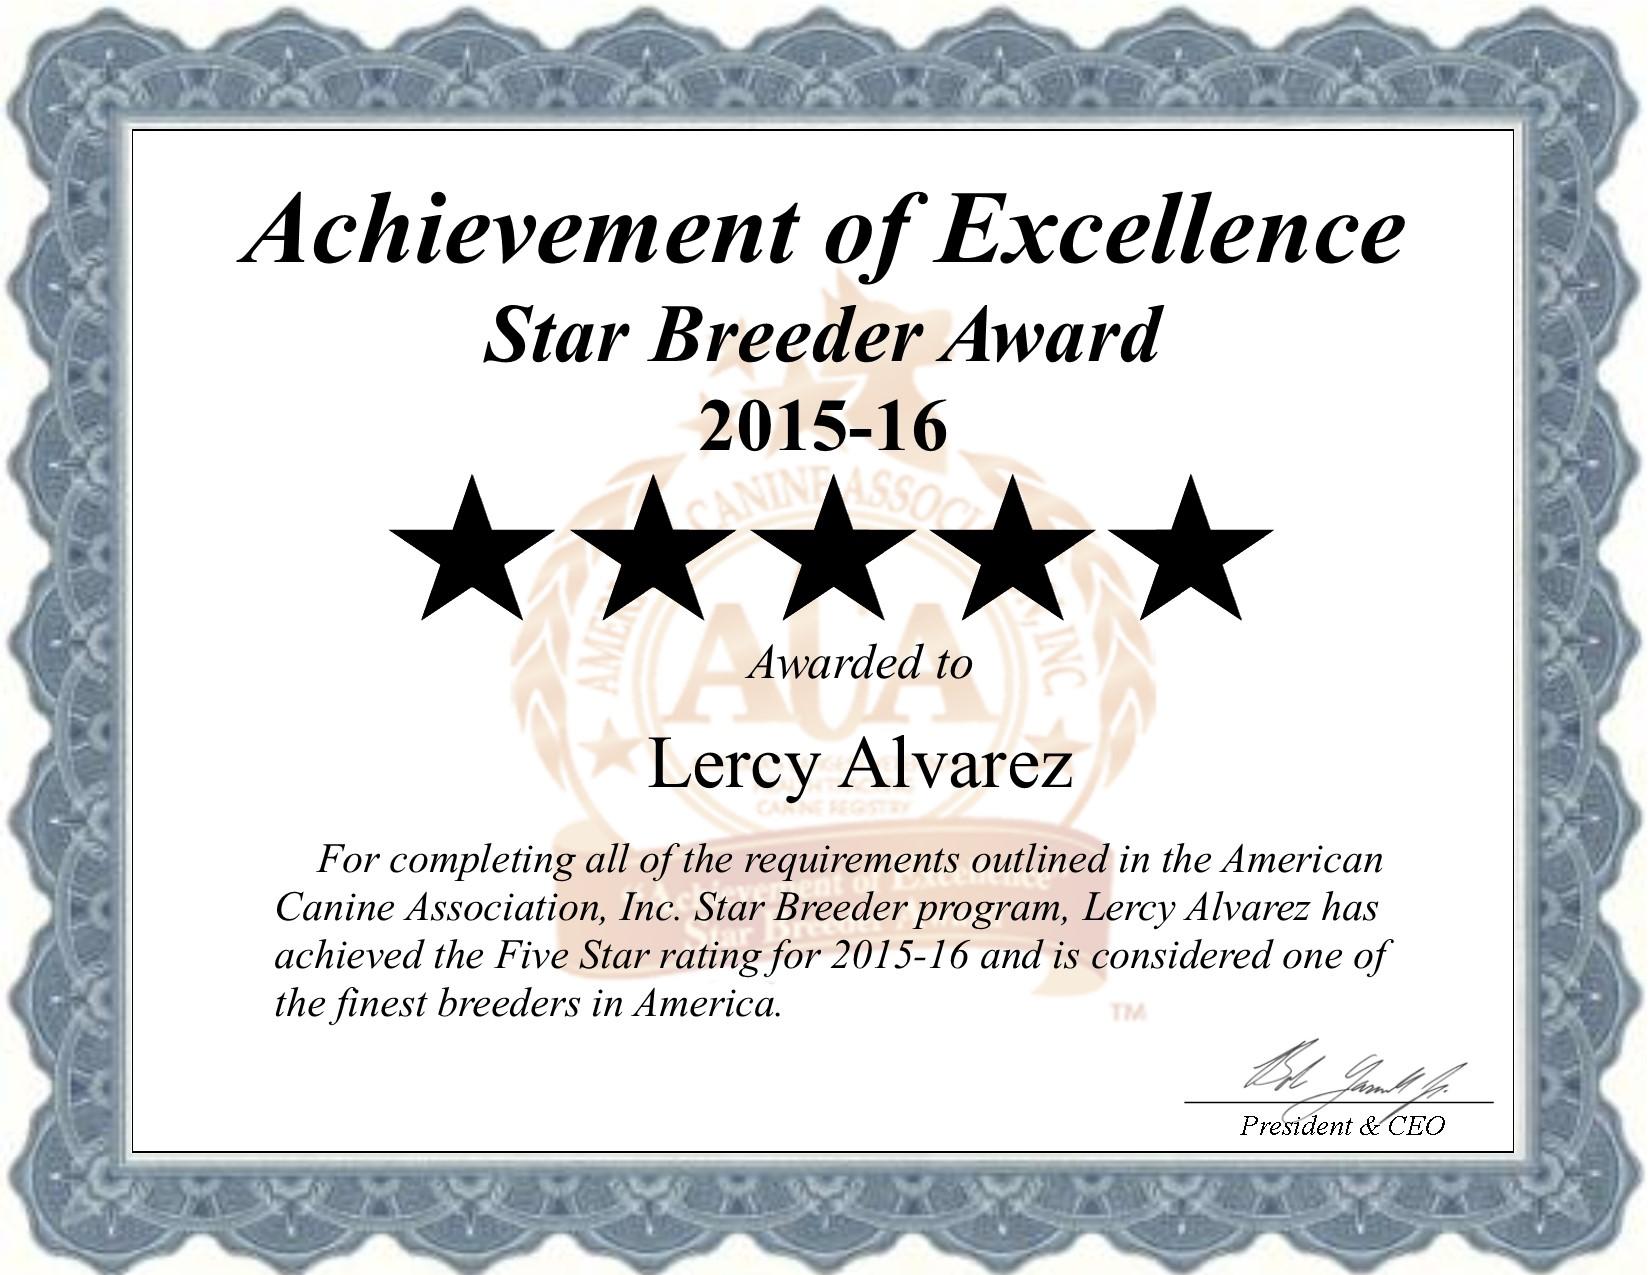 certificate, Lercy, Alvarez, dog, breeder, lercy-alvarez, dog-breeder, puppies, pups, fl, florida, judge, show,  kennels, kennel, professional, county, pure bred, purebred, five, 5, puppy, breeders, star breeder, 5 star, USDA, dog, puppy, puppies, ACA